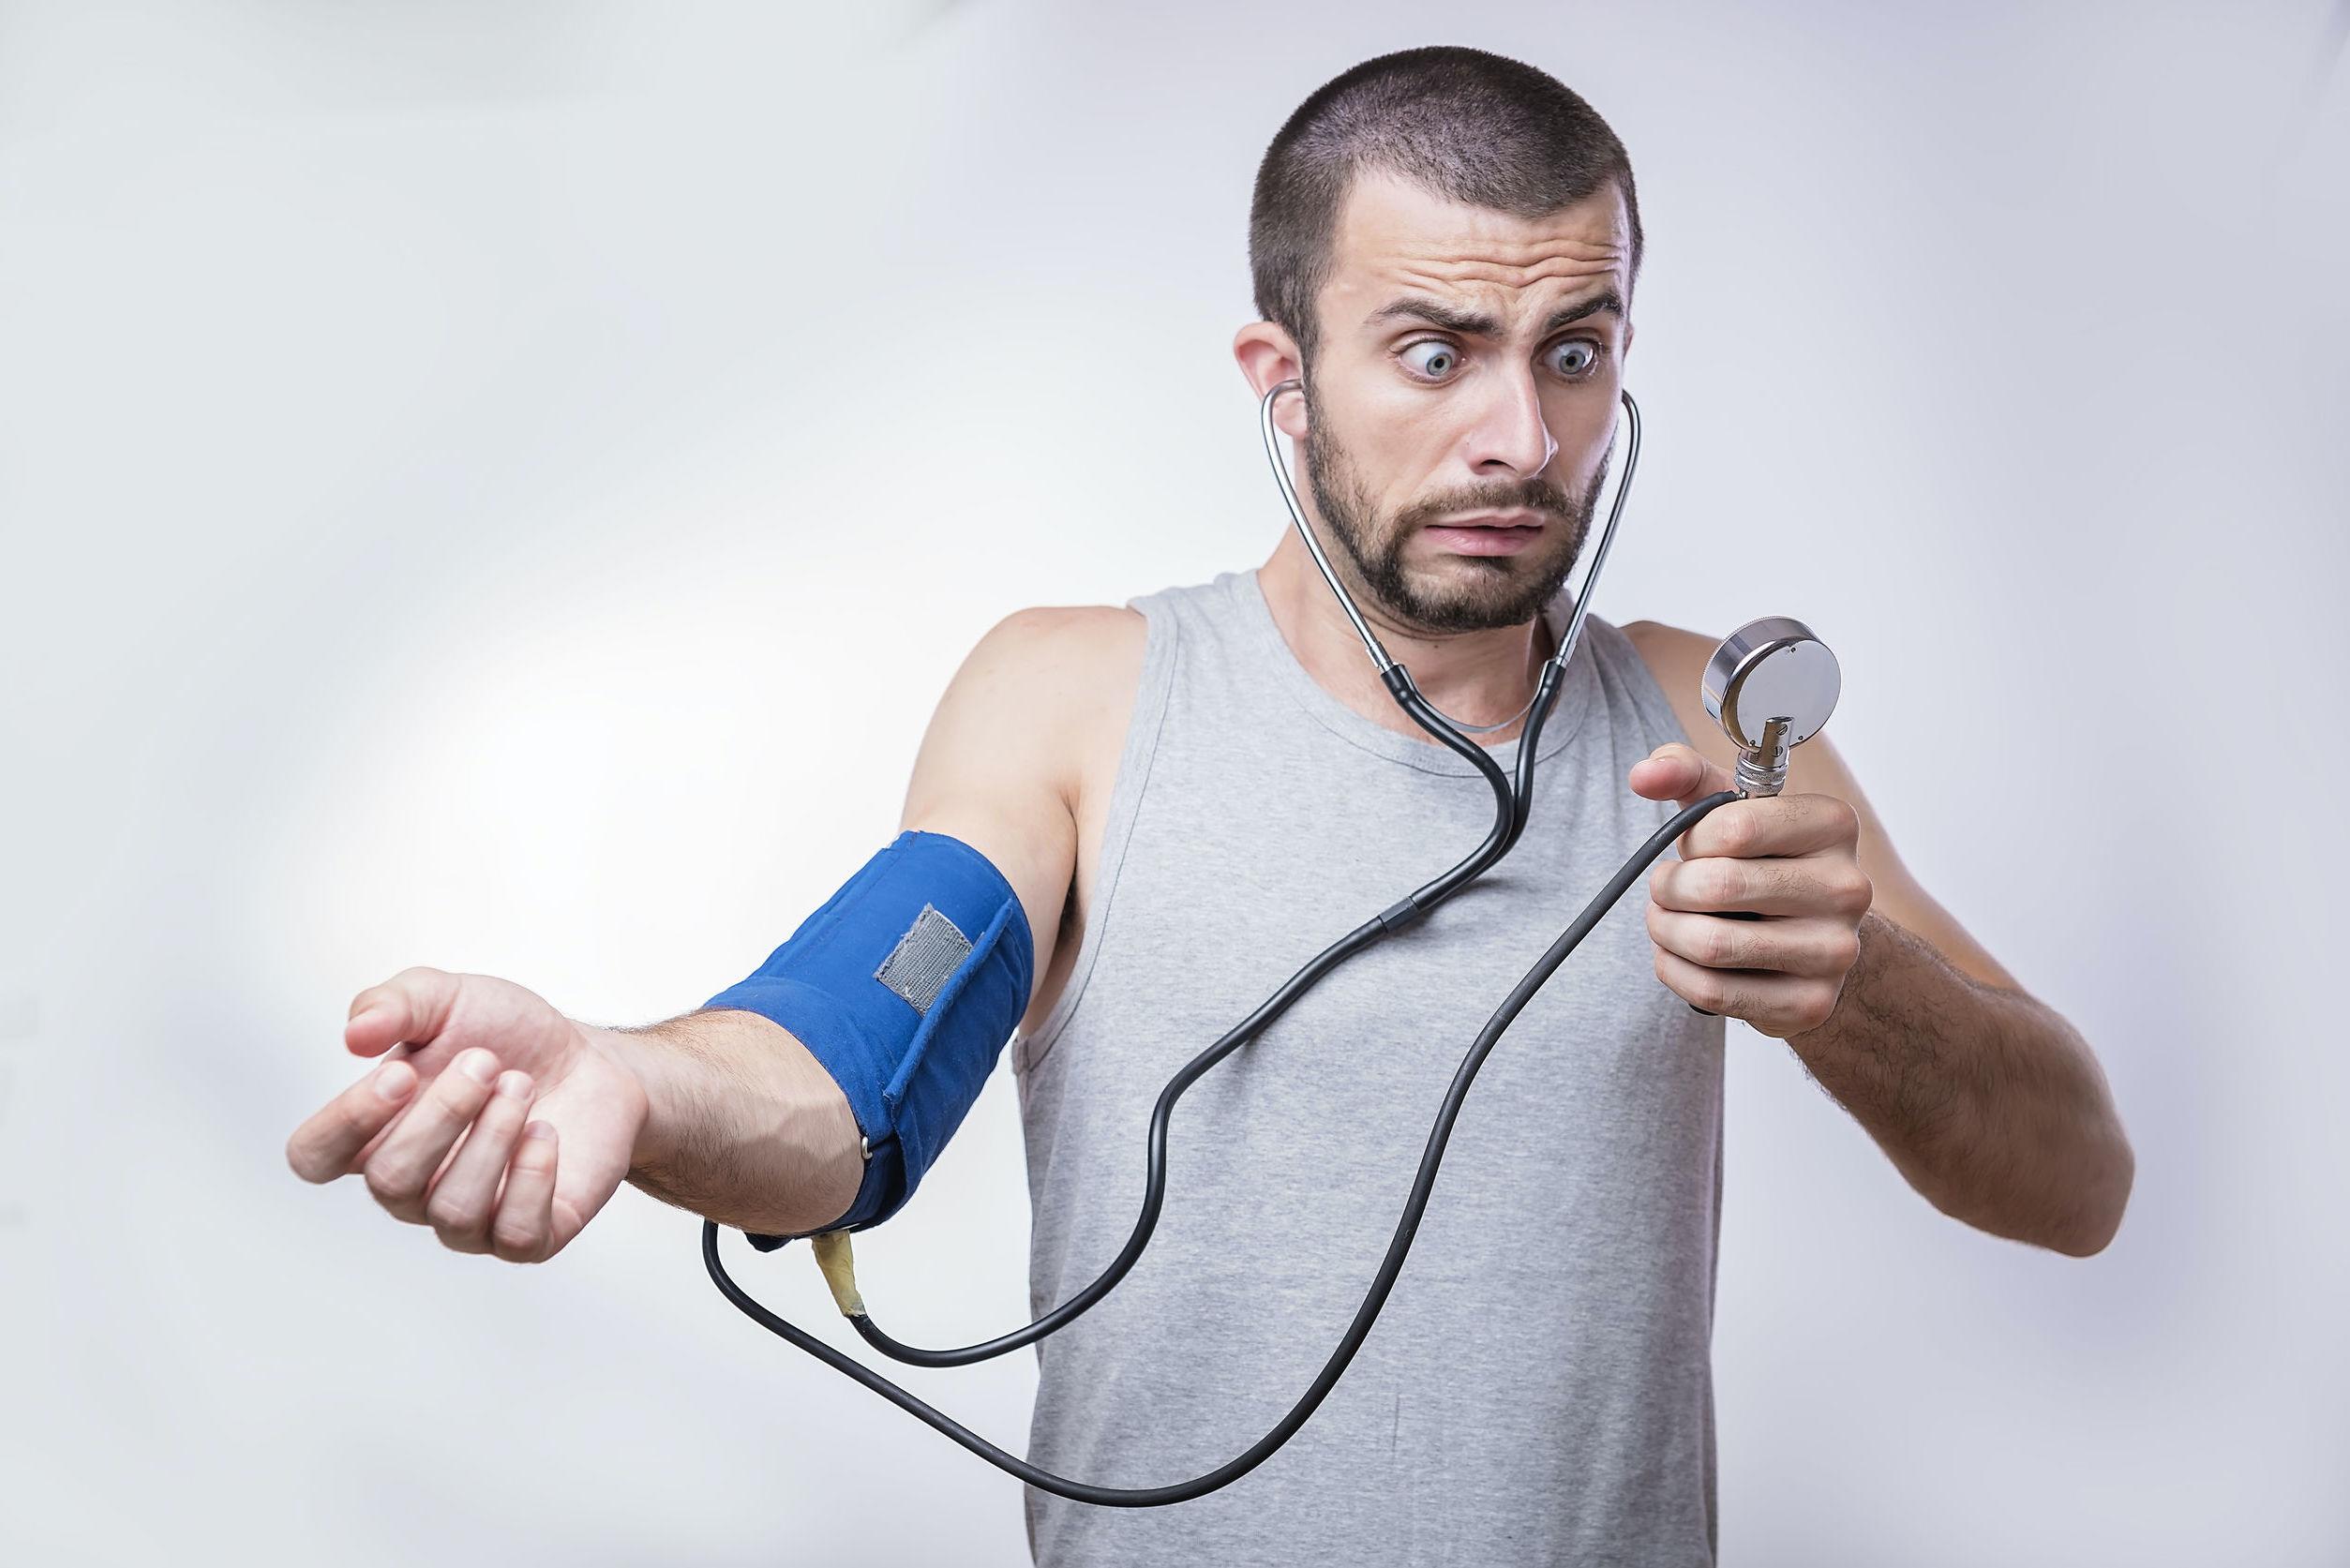 magas vérnyomás jelei és megelőzése